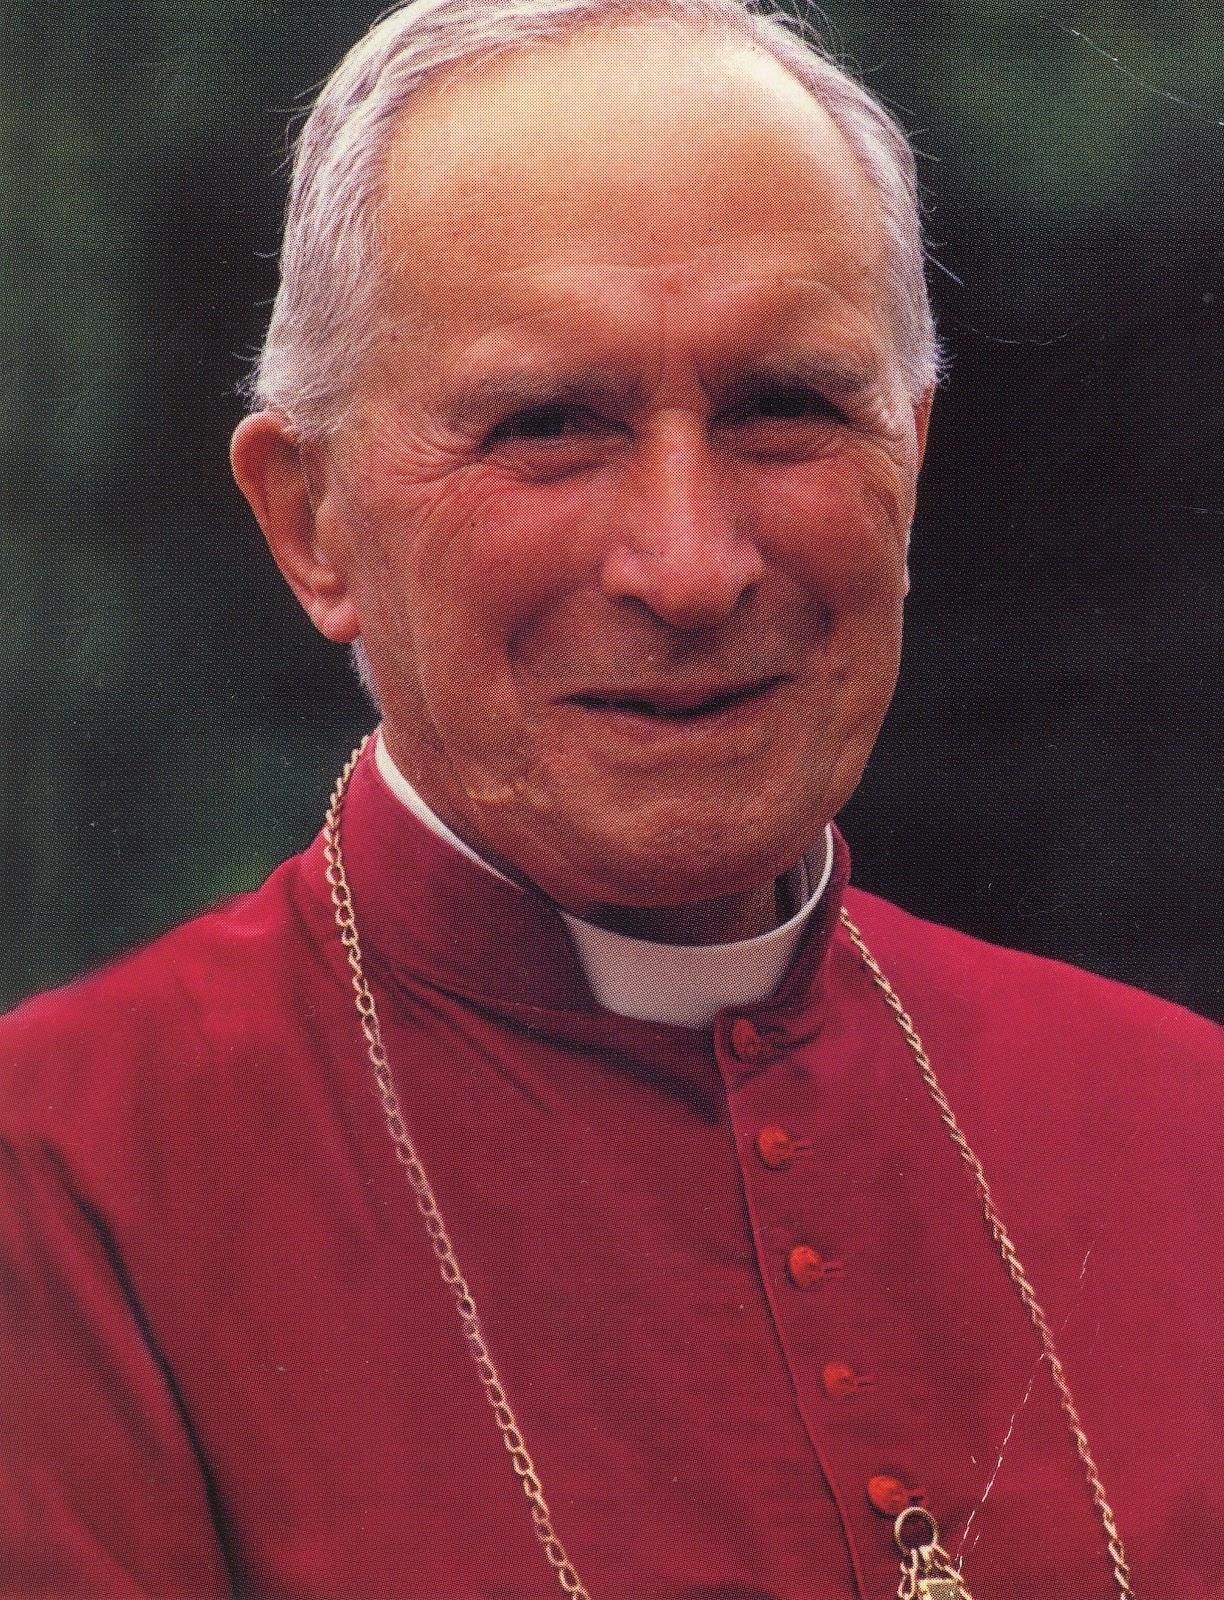 Pale Ideas - Tradição Católica!: Dom Marcel Lefebvre fala